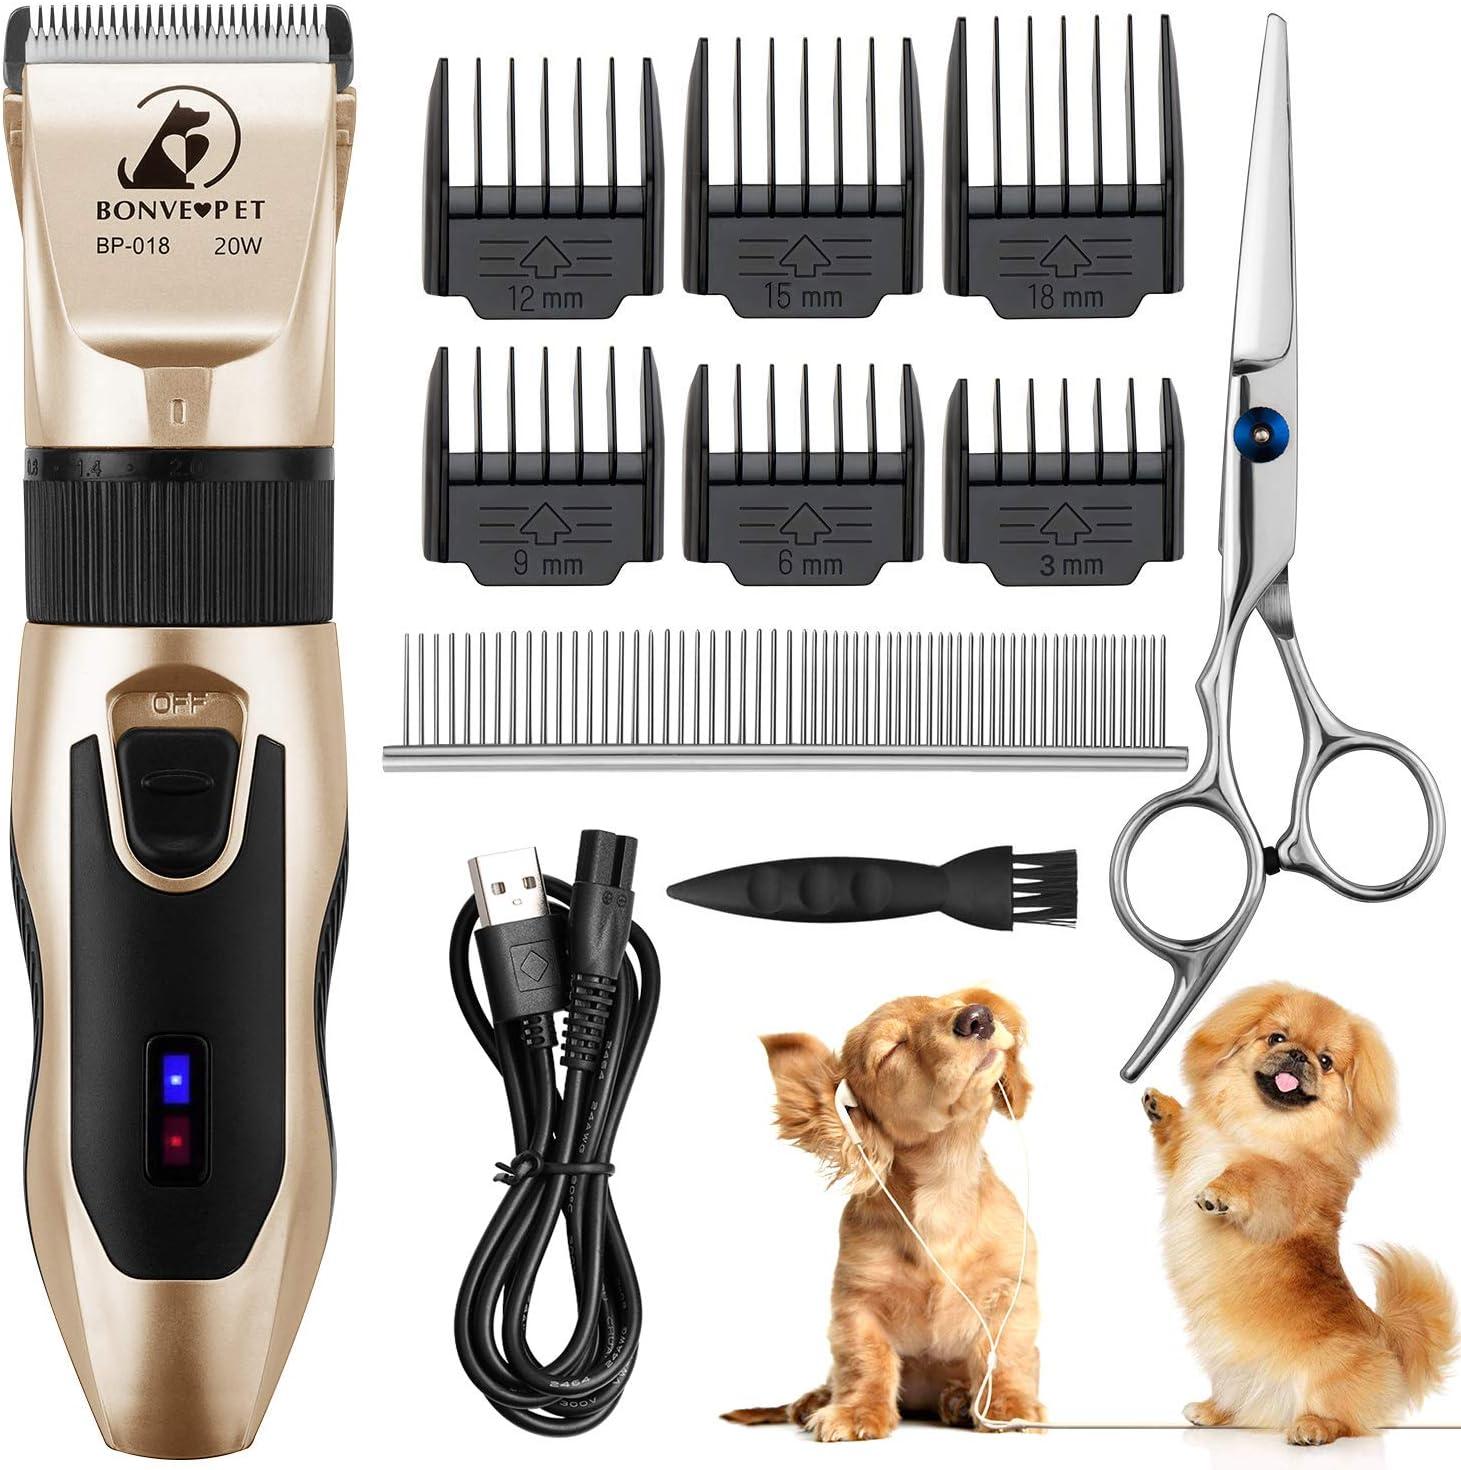 Bonve Pet Cortapelo para Perros y Gatos, Cortapelo para Perros Gatos Mascotas Profesional, Bajo Ruido Menos de 50db, Batería Recargable, con 11 Accesorios, Cargador, Base de Carga